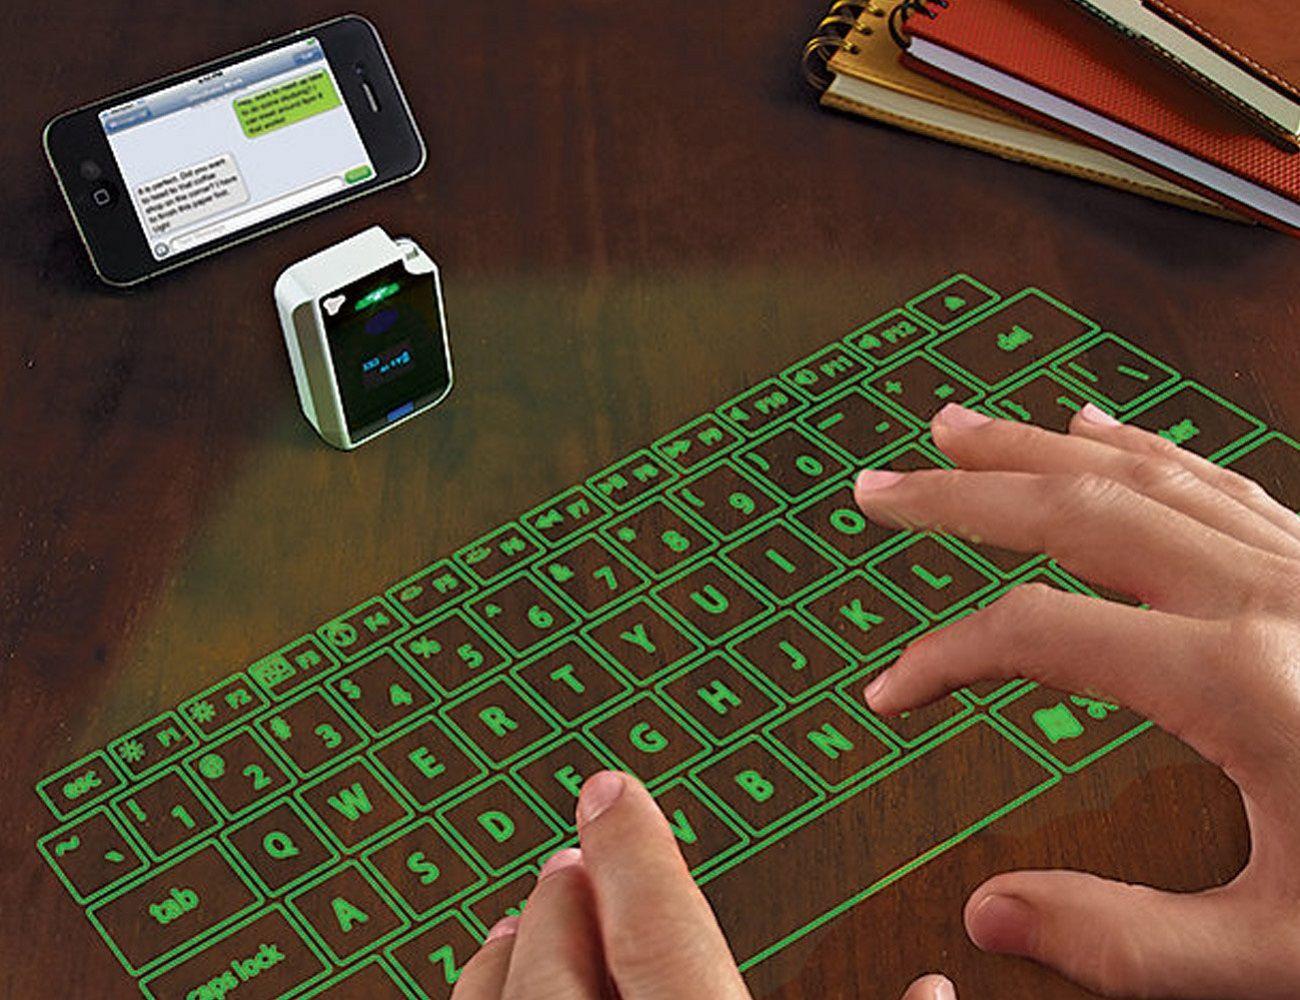 25 Trik keyboard yang memudahkan pengoperasian komputer, penting